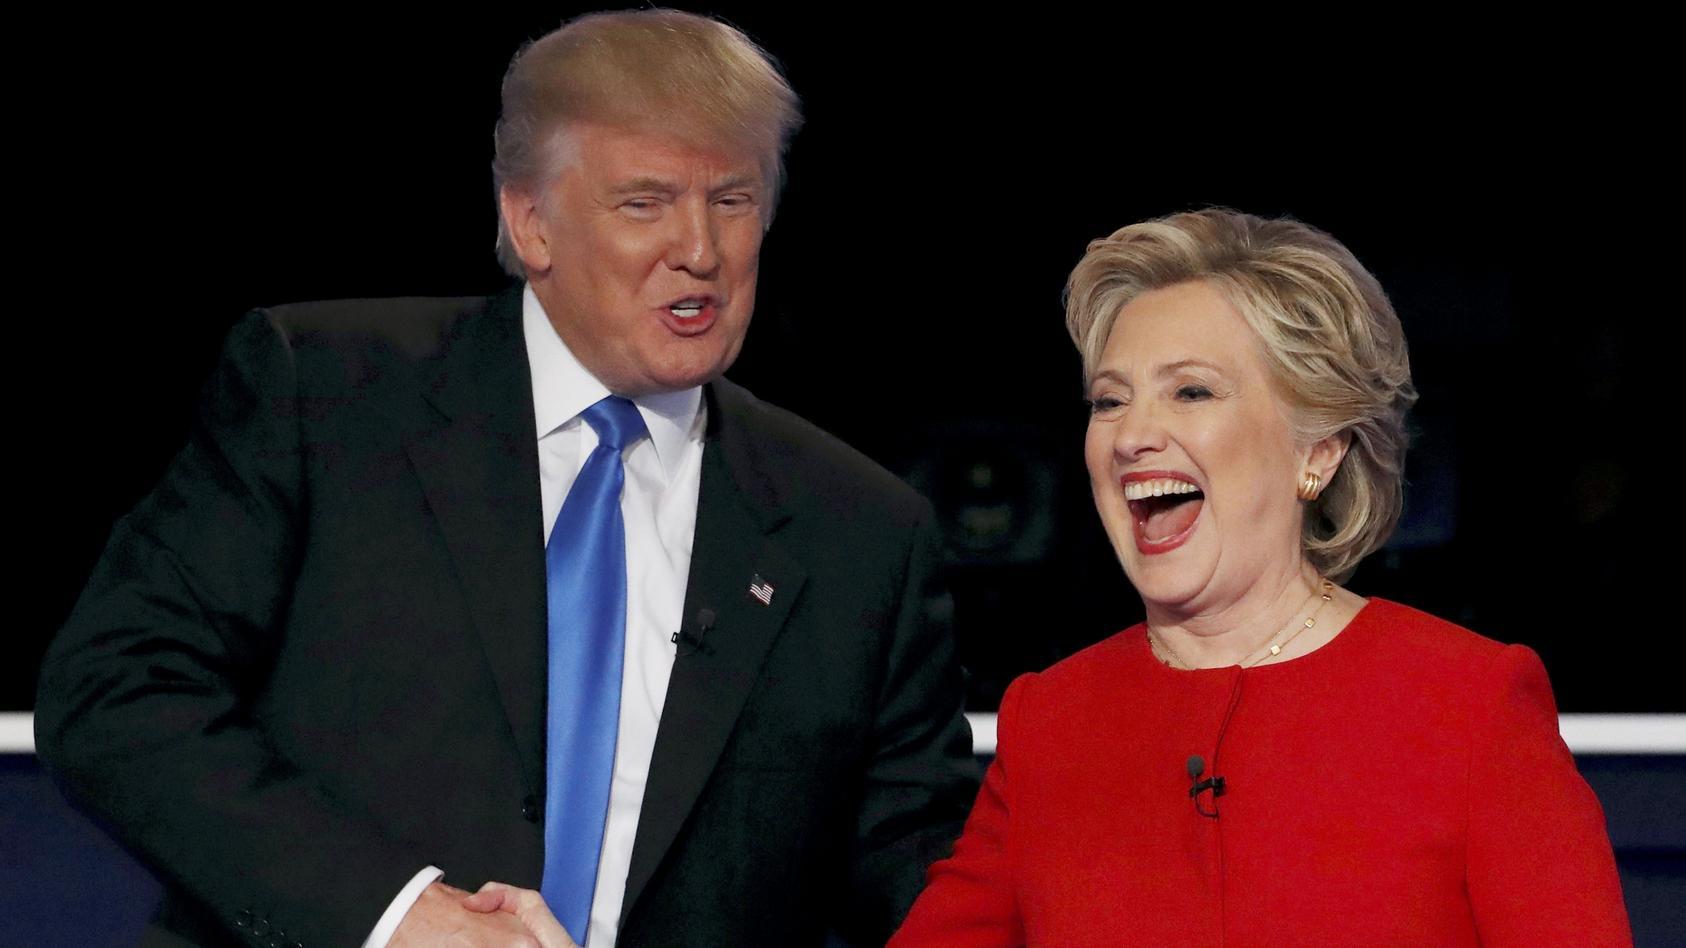 Hillary Clinton hat US-Präsident Donald Trump ordentlich aufs Korn genommen und ihn mit seinen eigenen Waffen lächerlich gemacht.